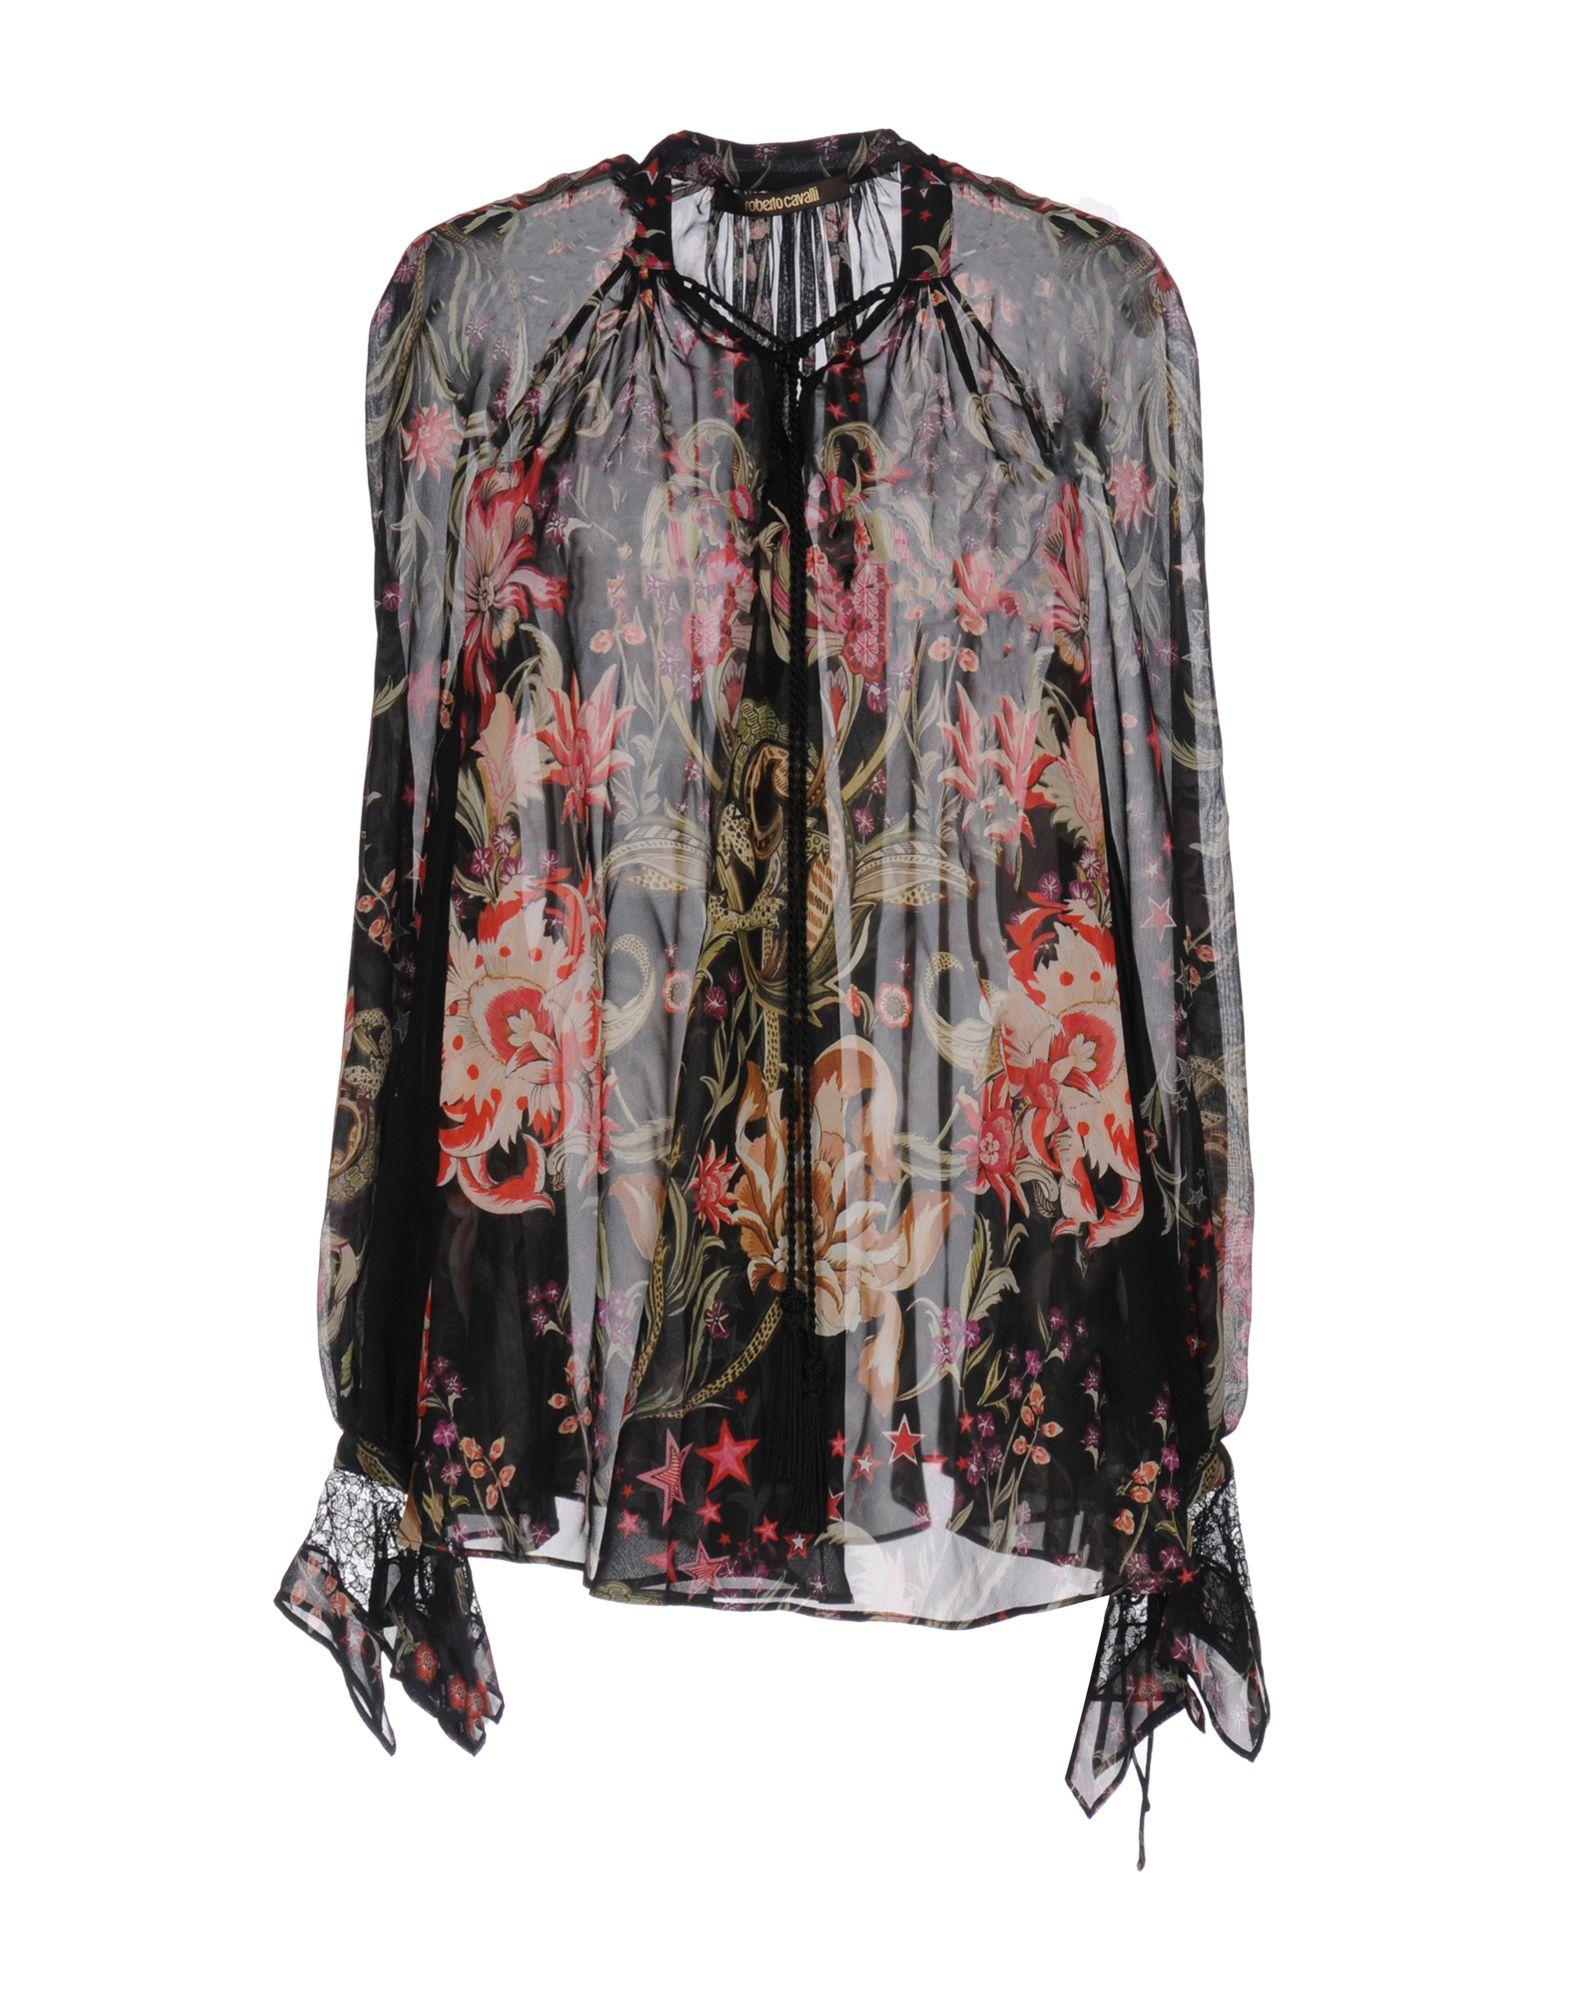 ROBERTO CAVALLI Блузка roberto cavalli расклешенная блузка с прозрачной панелью